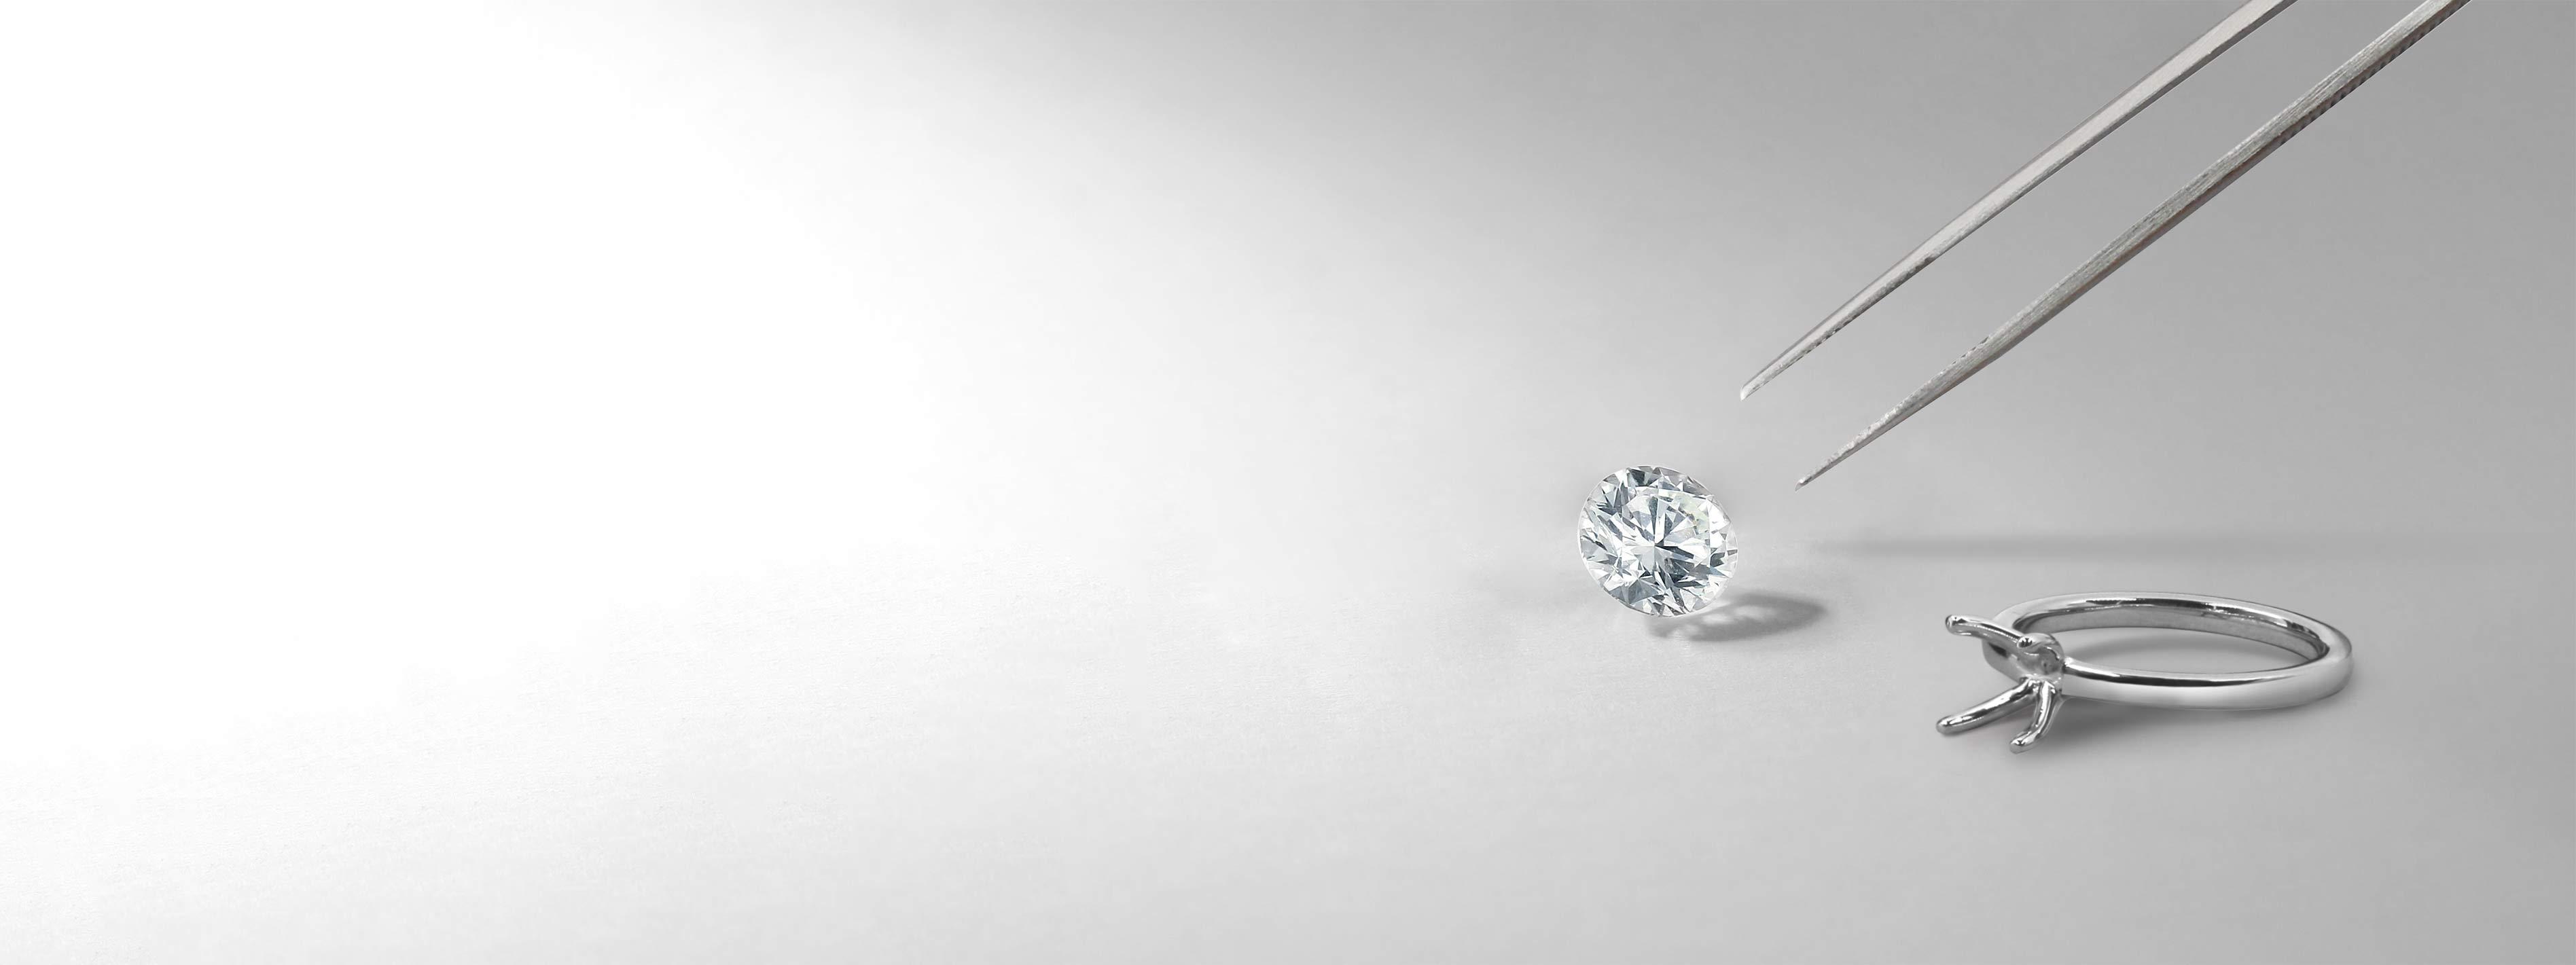 Platinum 3 Stone Engagement Rings - Steven Stone